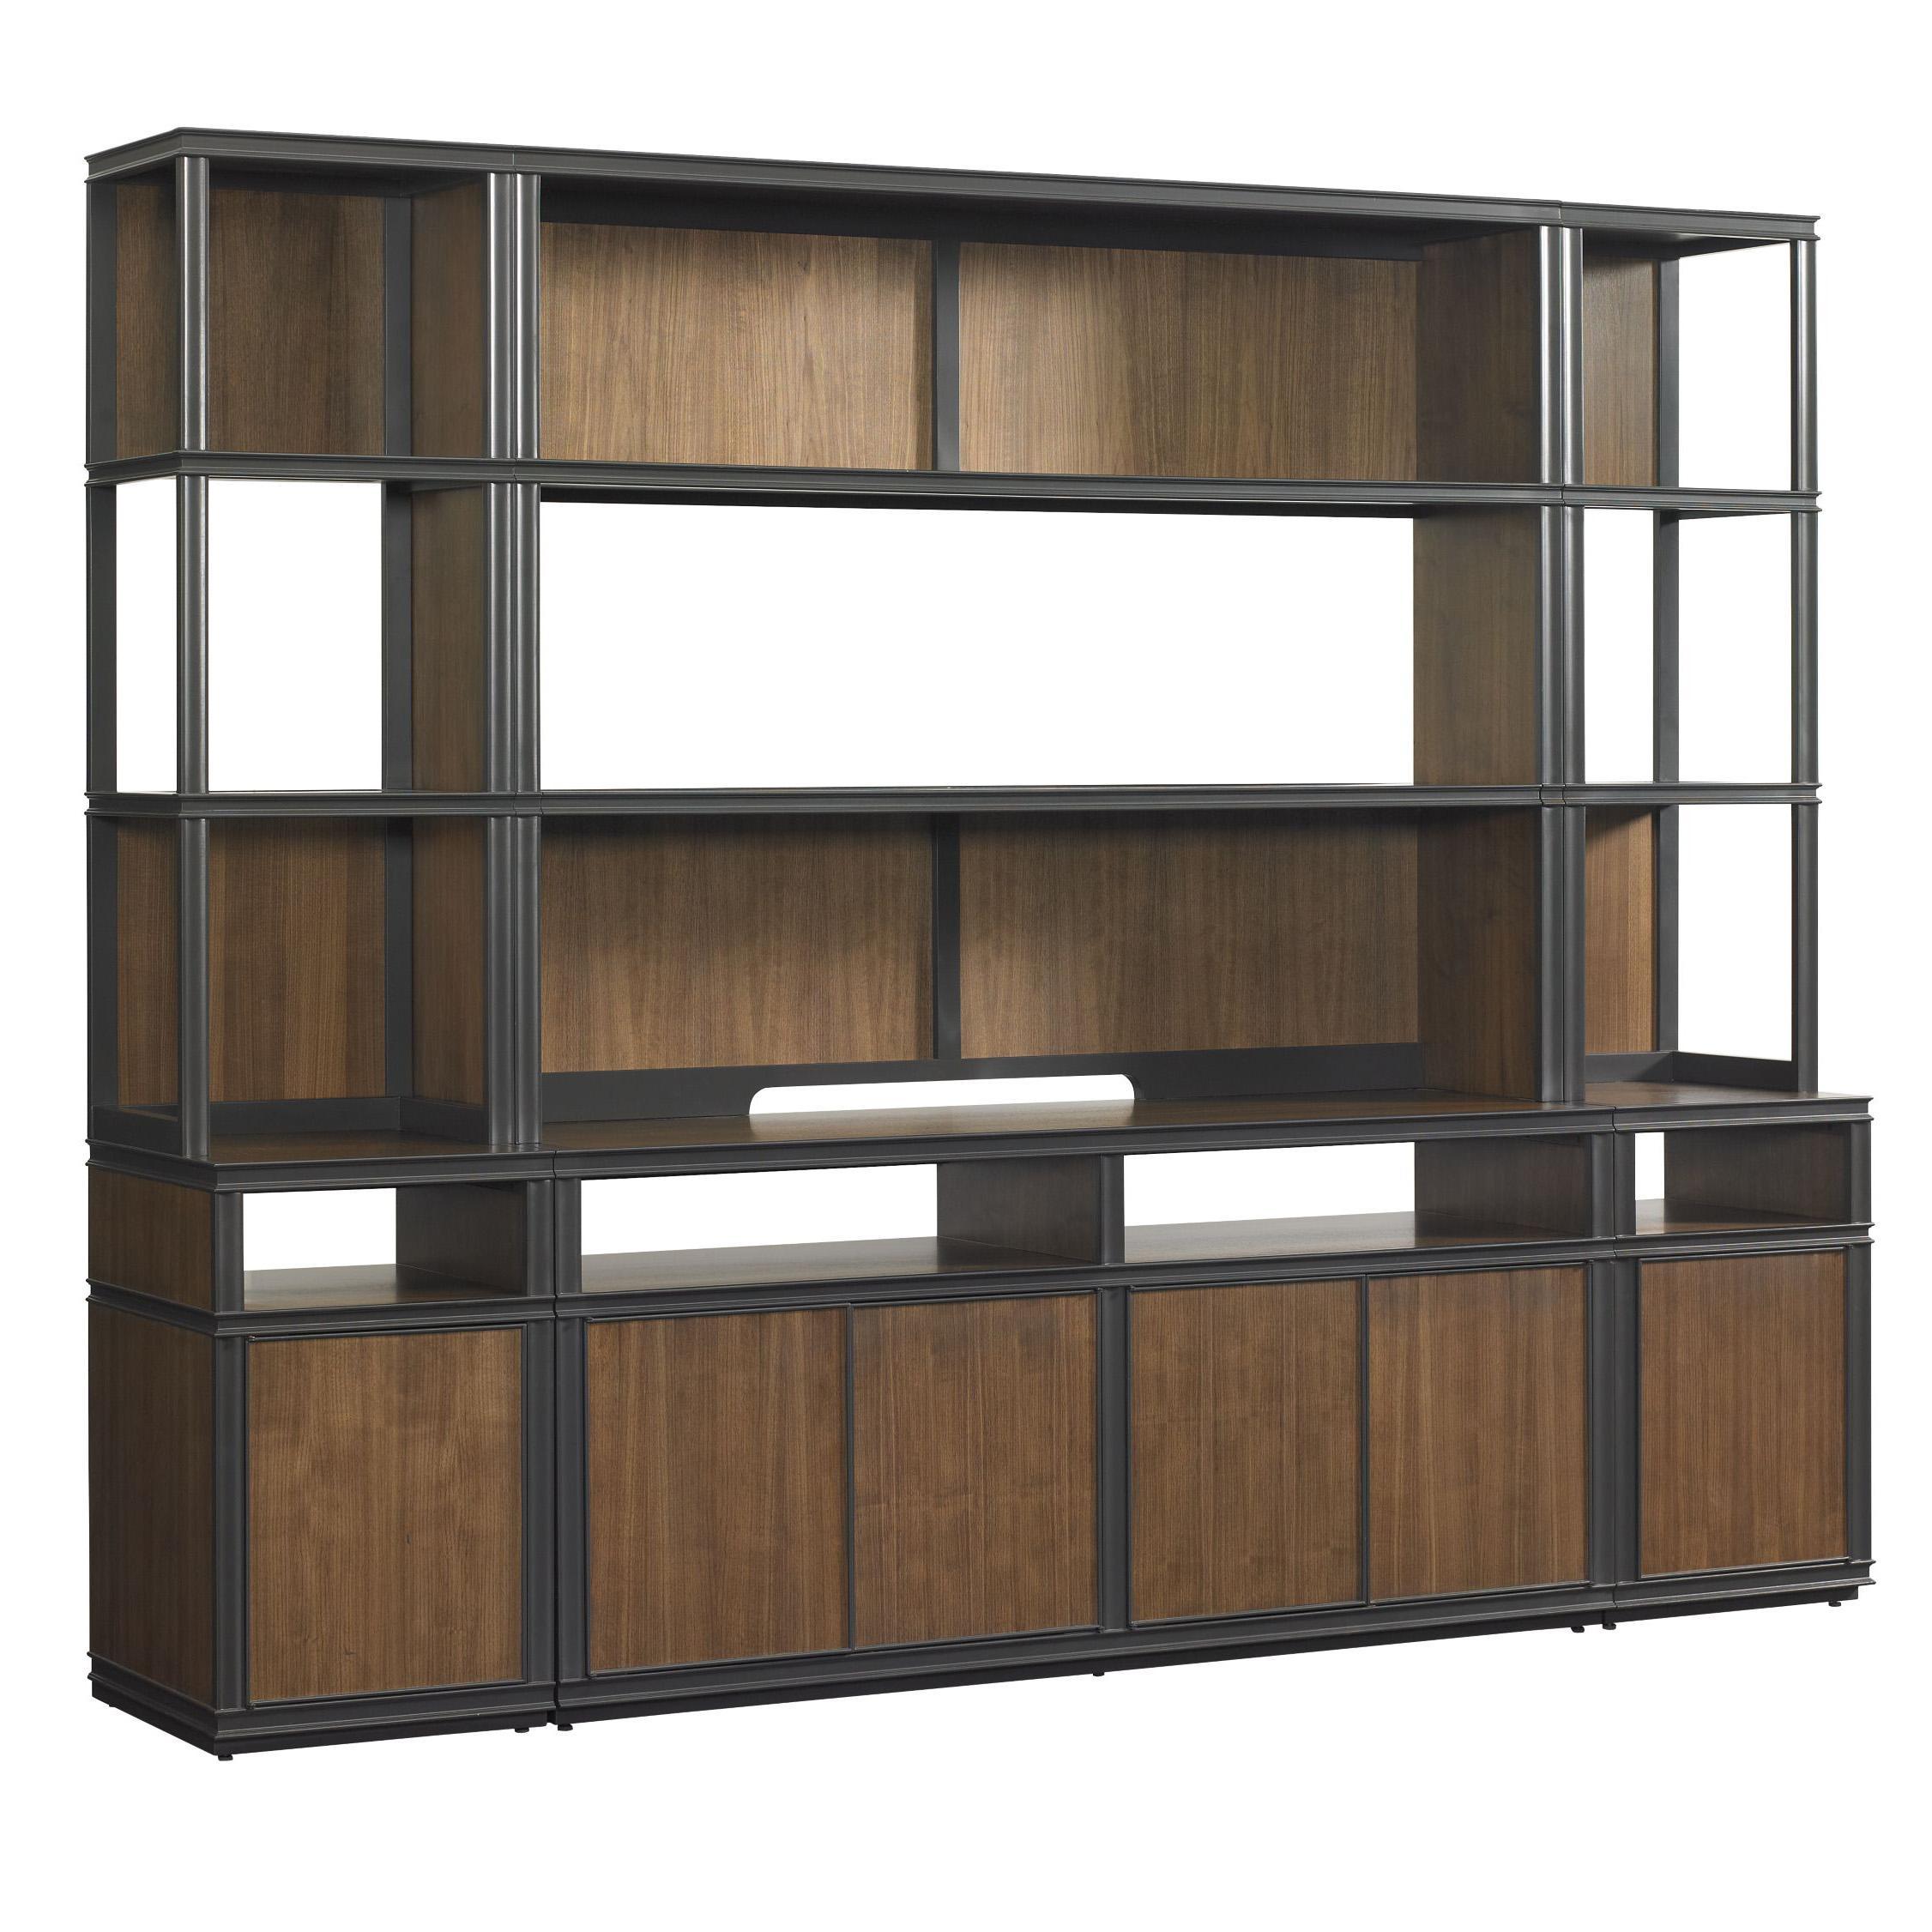 Stanley Furniture Montreux Media Center - Item Number: 319-15-31